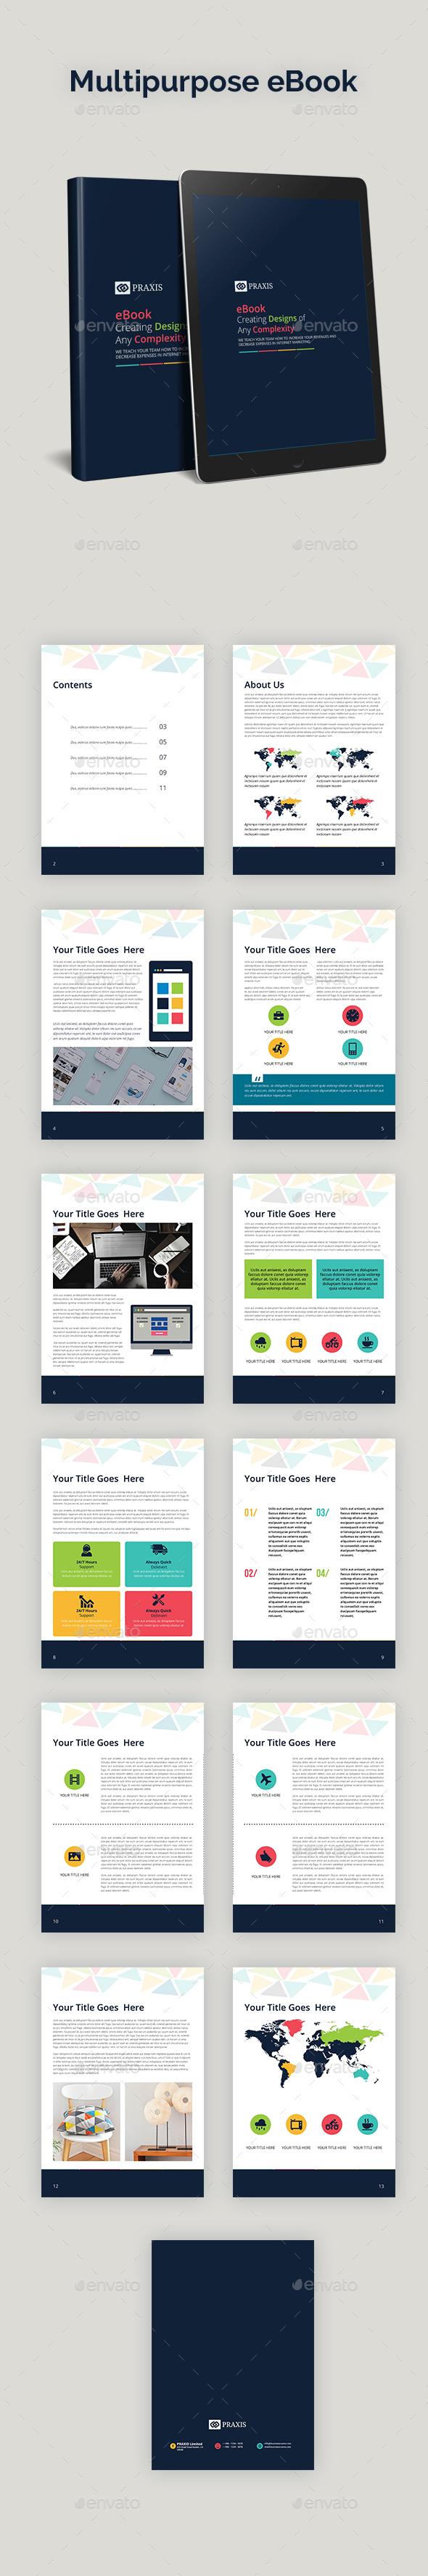 Multipurpose eBook - ePublishing